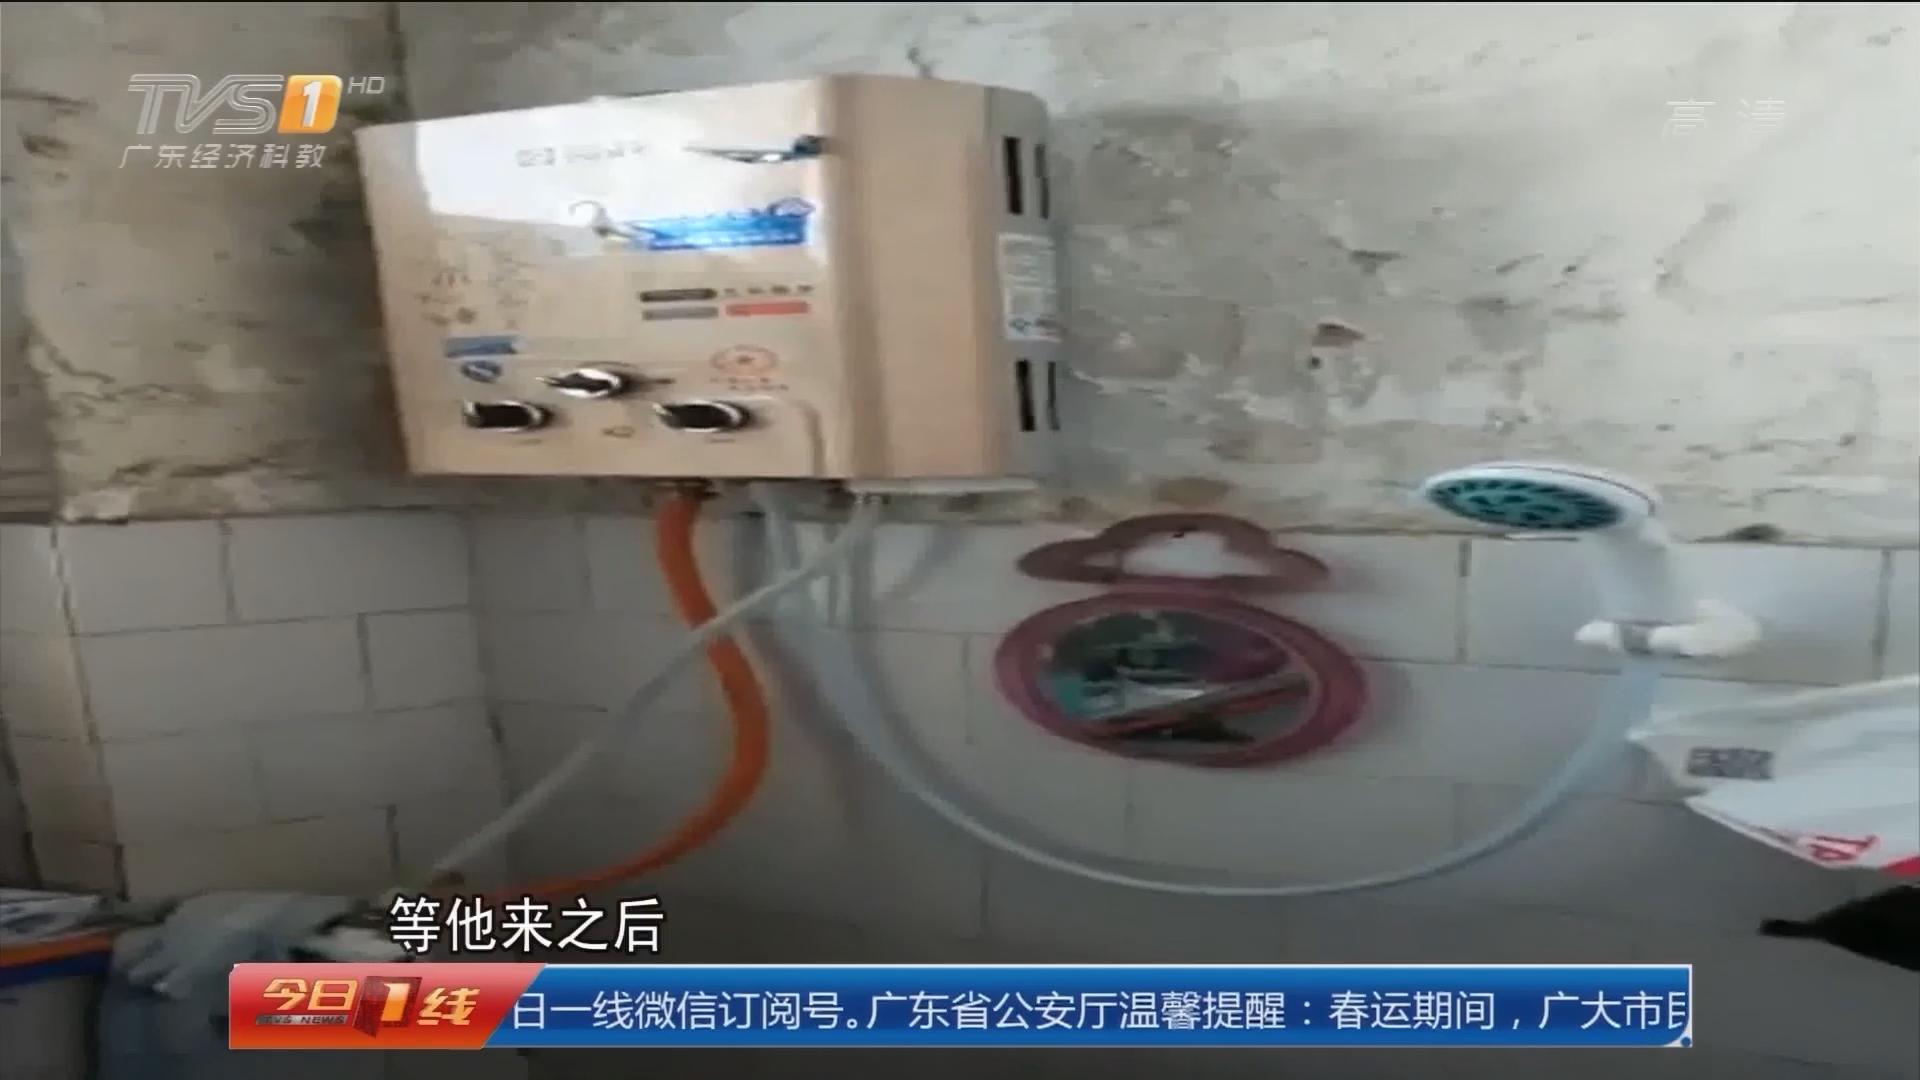 广州白云:直排热水器又惹祸 男子冲凉中毒致死